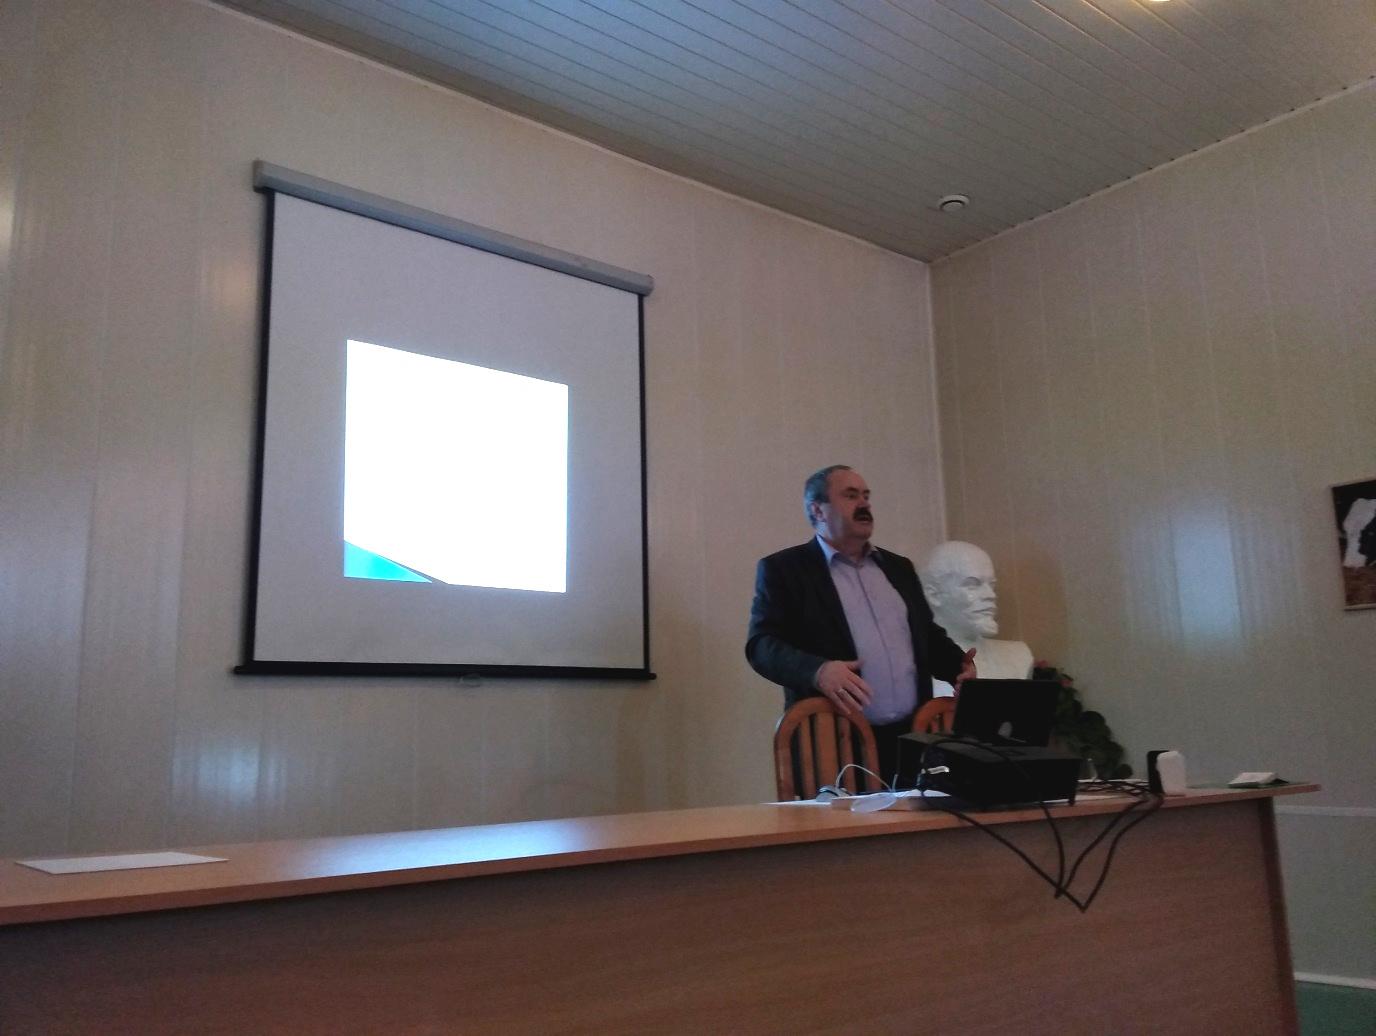 Обучение по программе «Охрана труда» с применением дистанционных образовательных технологий